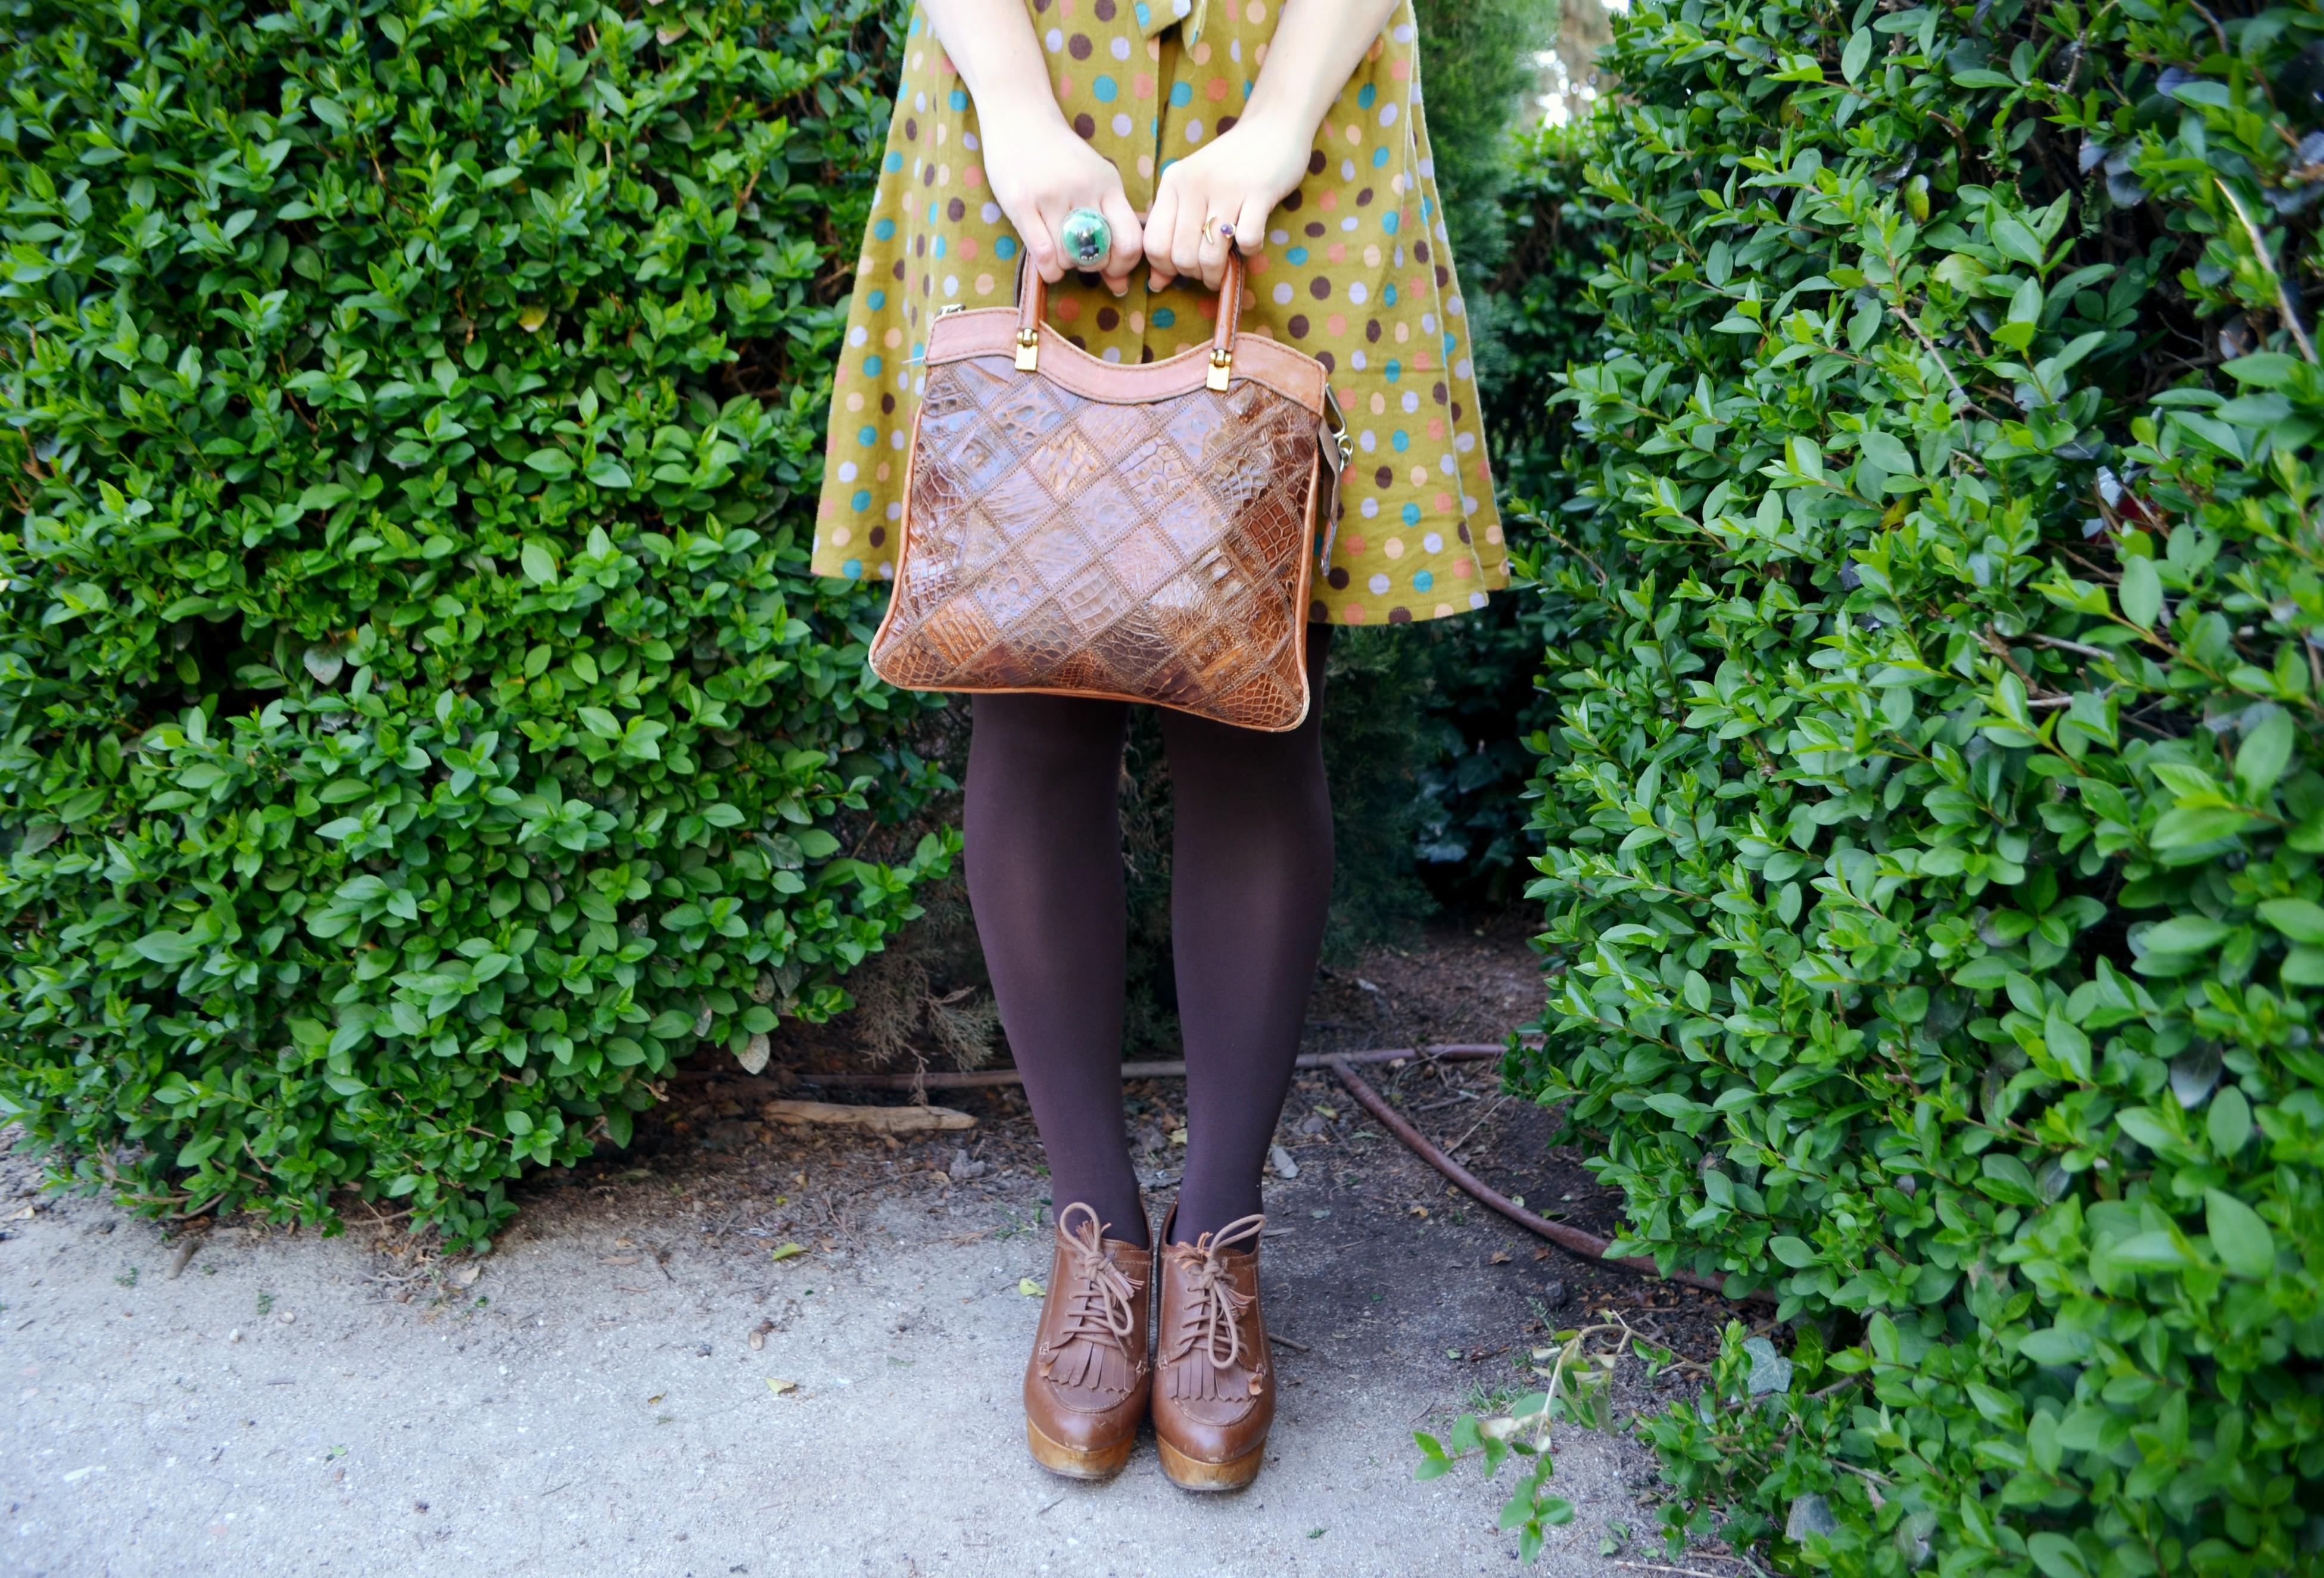 Vestido-de-lunares-look-de-primavera-ChicAdicta-fashionista-Chic-Adicta-blog-de-moda-polkadot-dress-look-vintage-PiensaenChic-Piensa-en-Chic